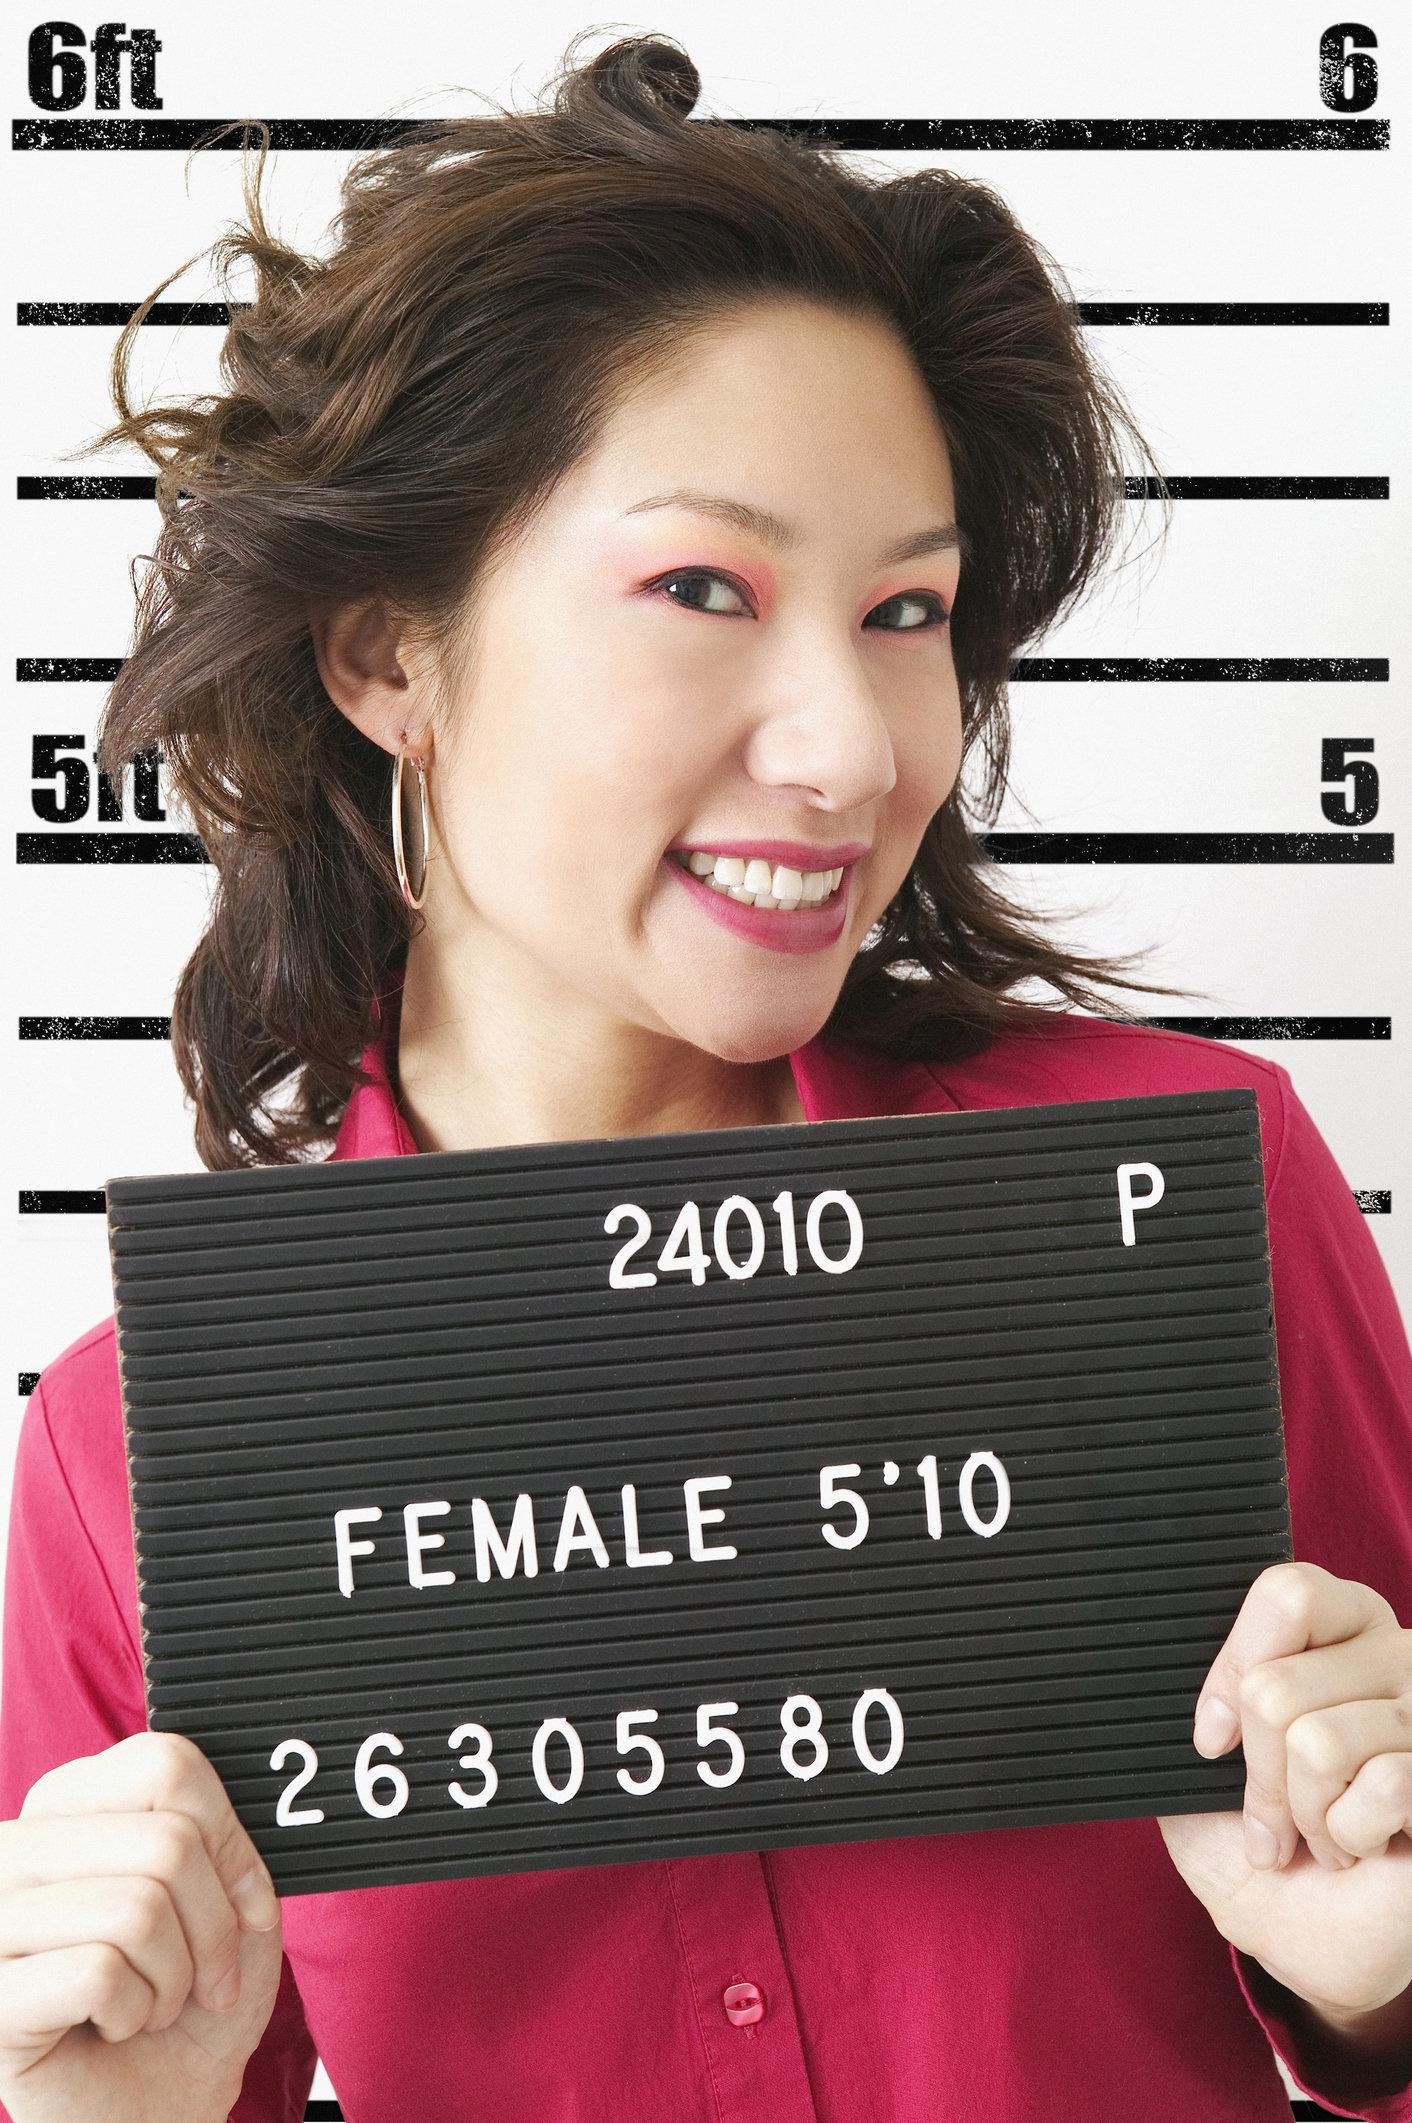 Mugshot of Chinese woman.